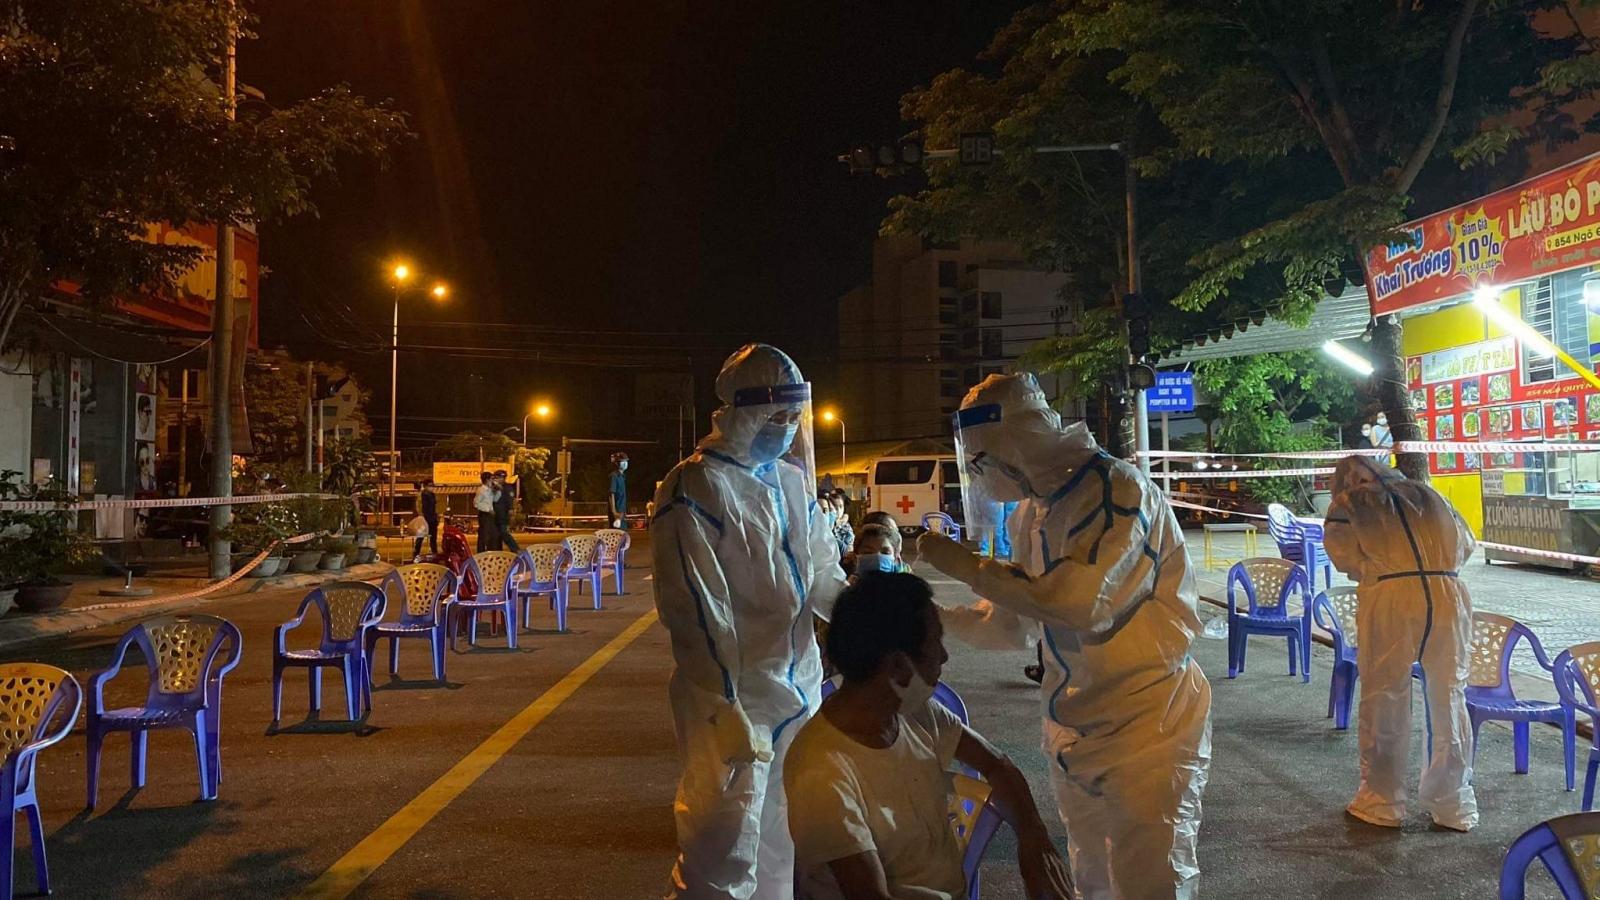 Thêm 42 ca nghi mắc Covid-19, Đà Nẵng đã kiểm soát tốt tình hình tạiKCN An Đồn